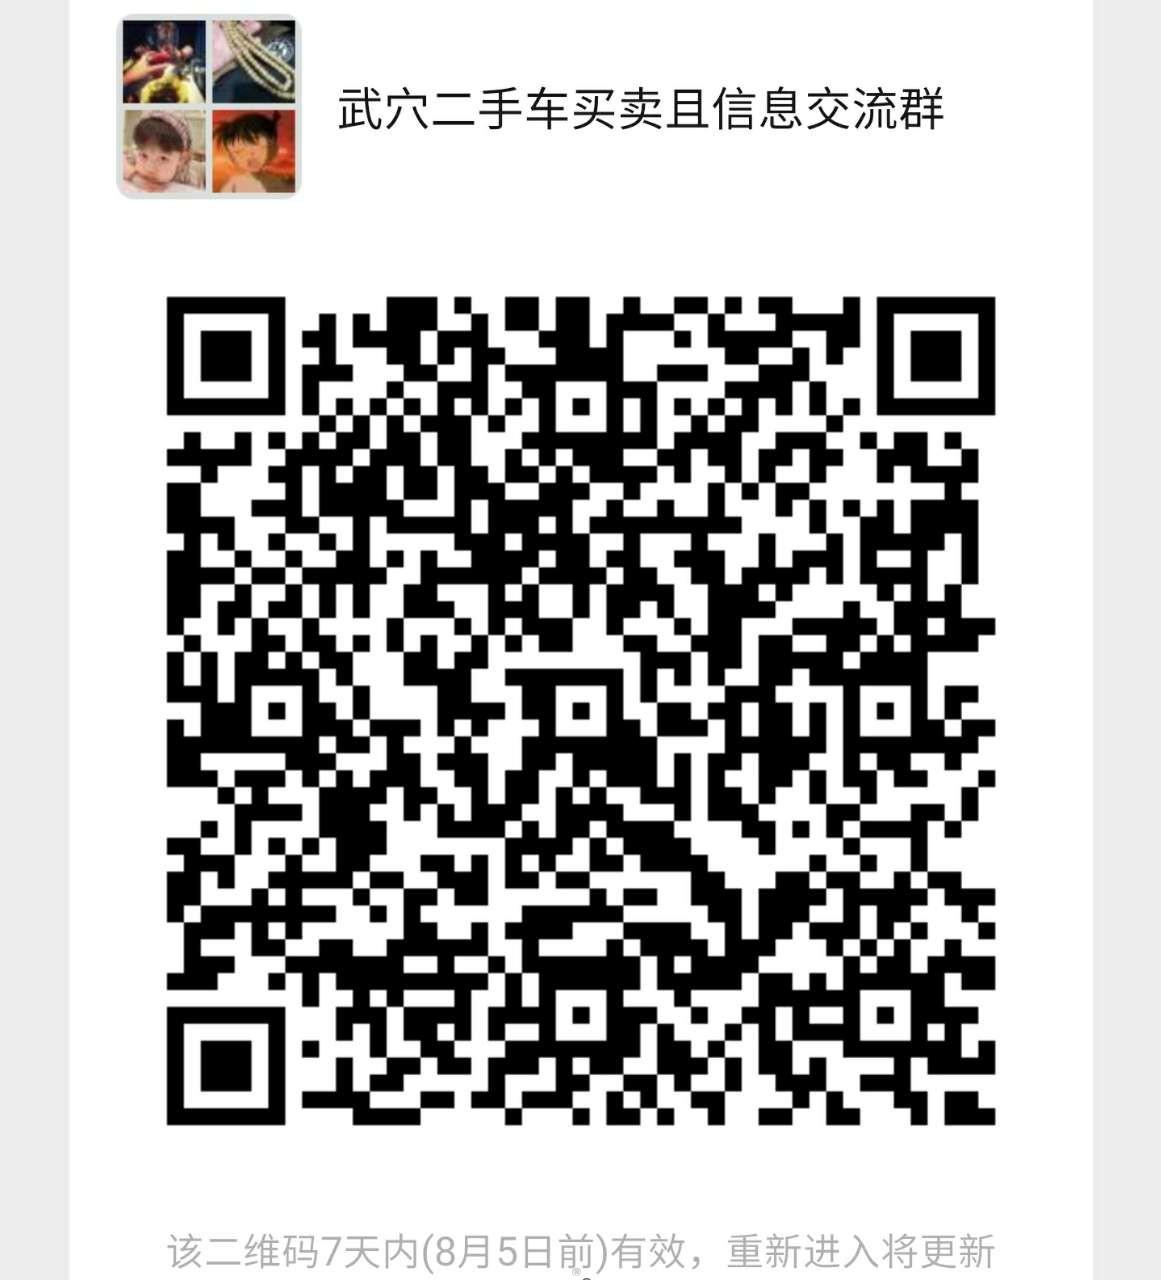 20200729_13663_1596028010037.jpg